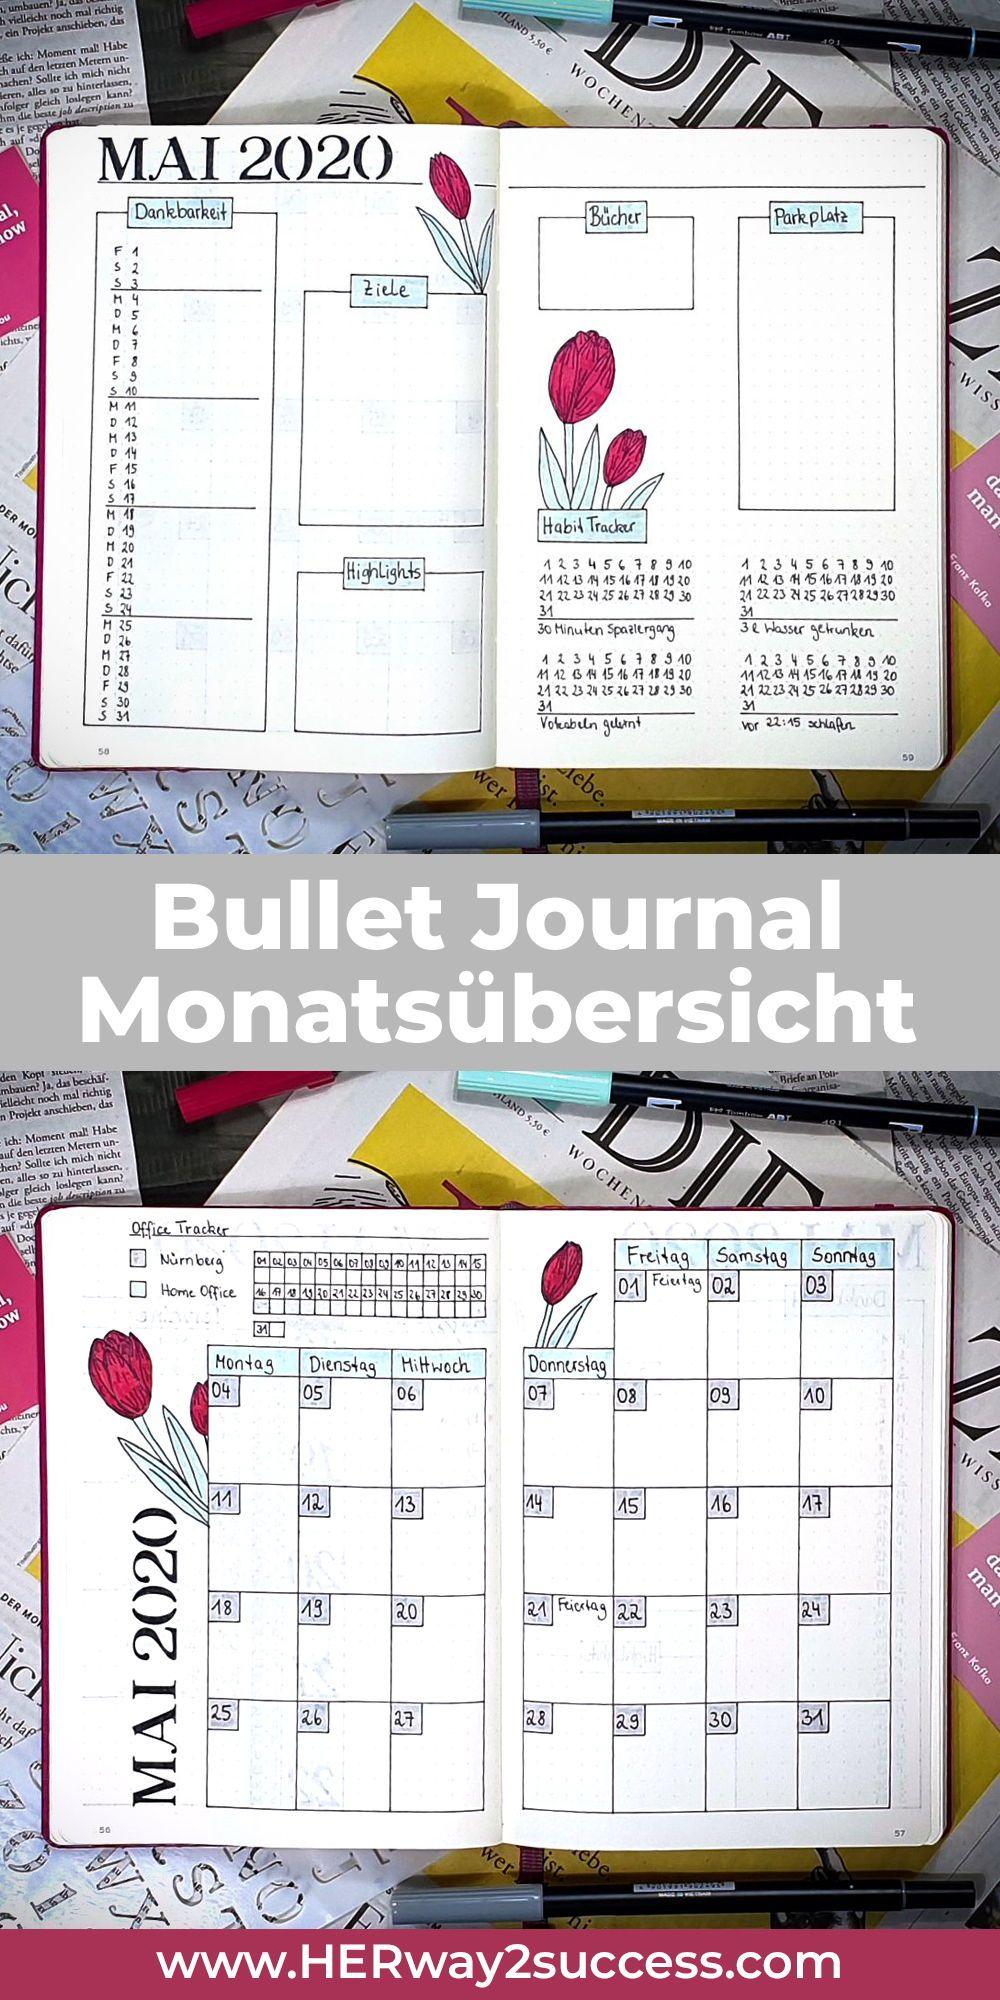 Julies Diary - Aus deiner Sicht